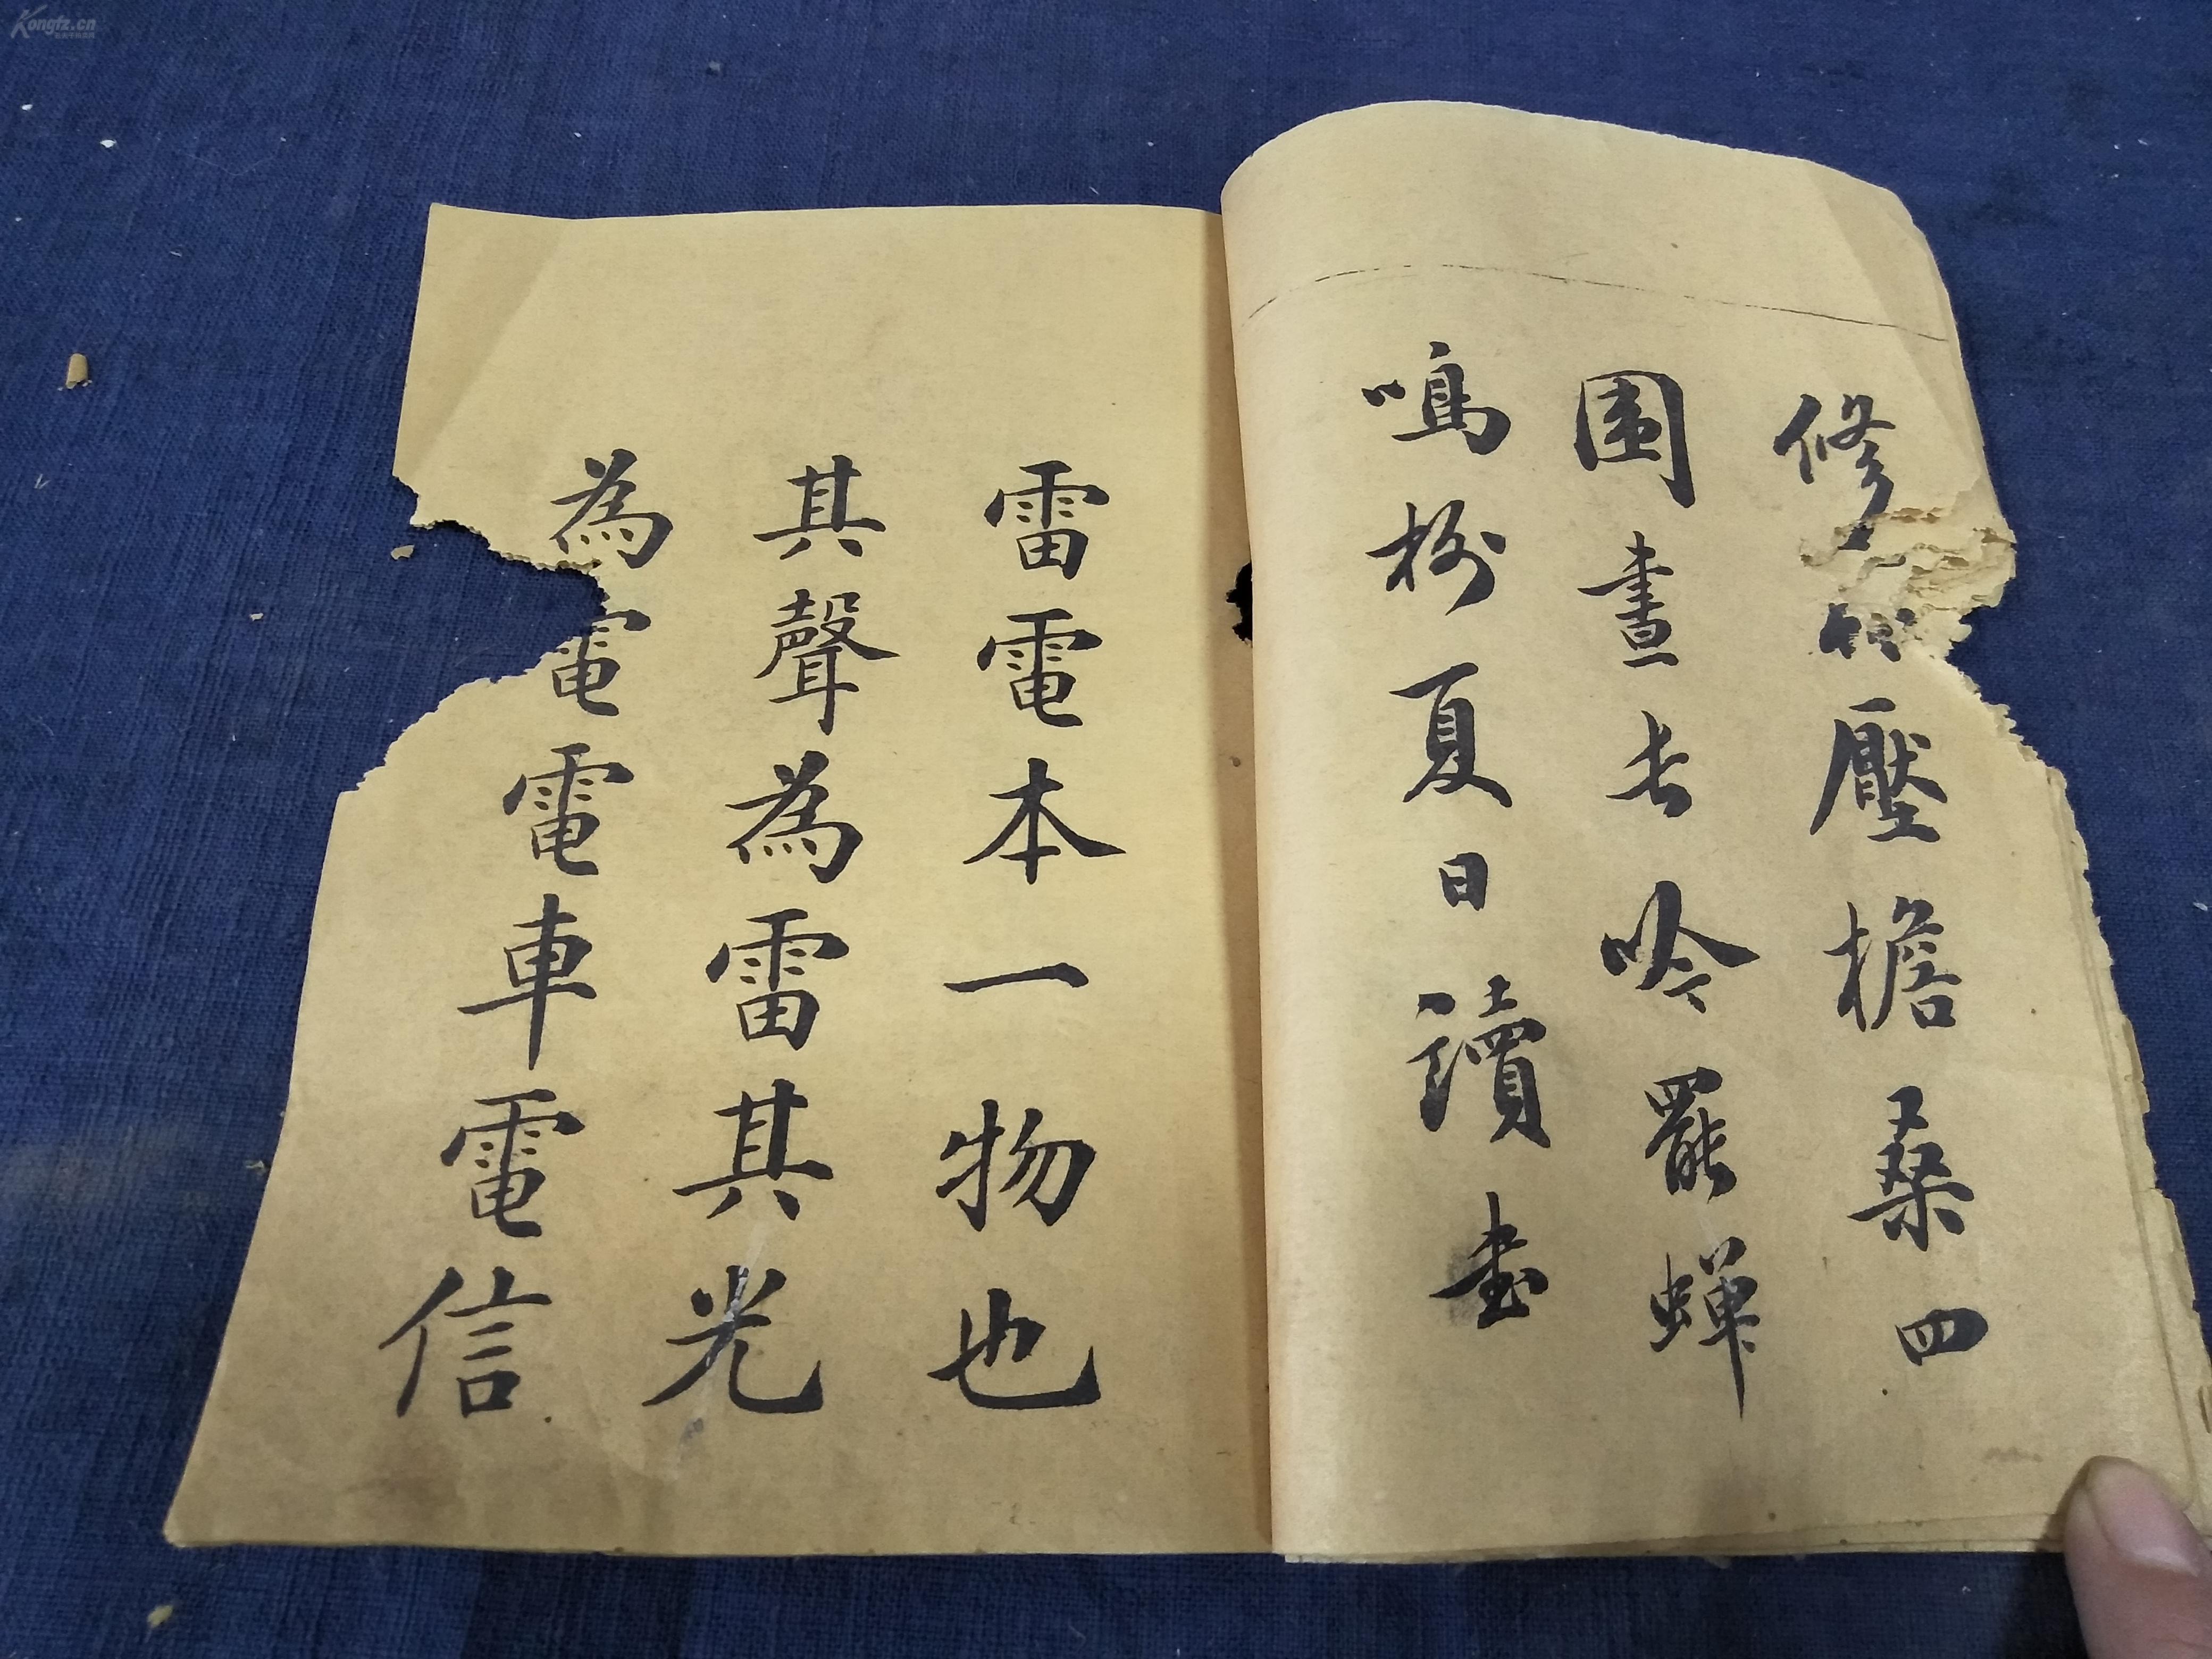 清光绪34年学部小学局《初等小学习字帖》抄报了图书手再见图片